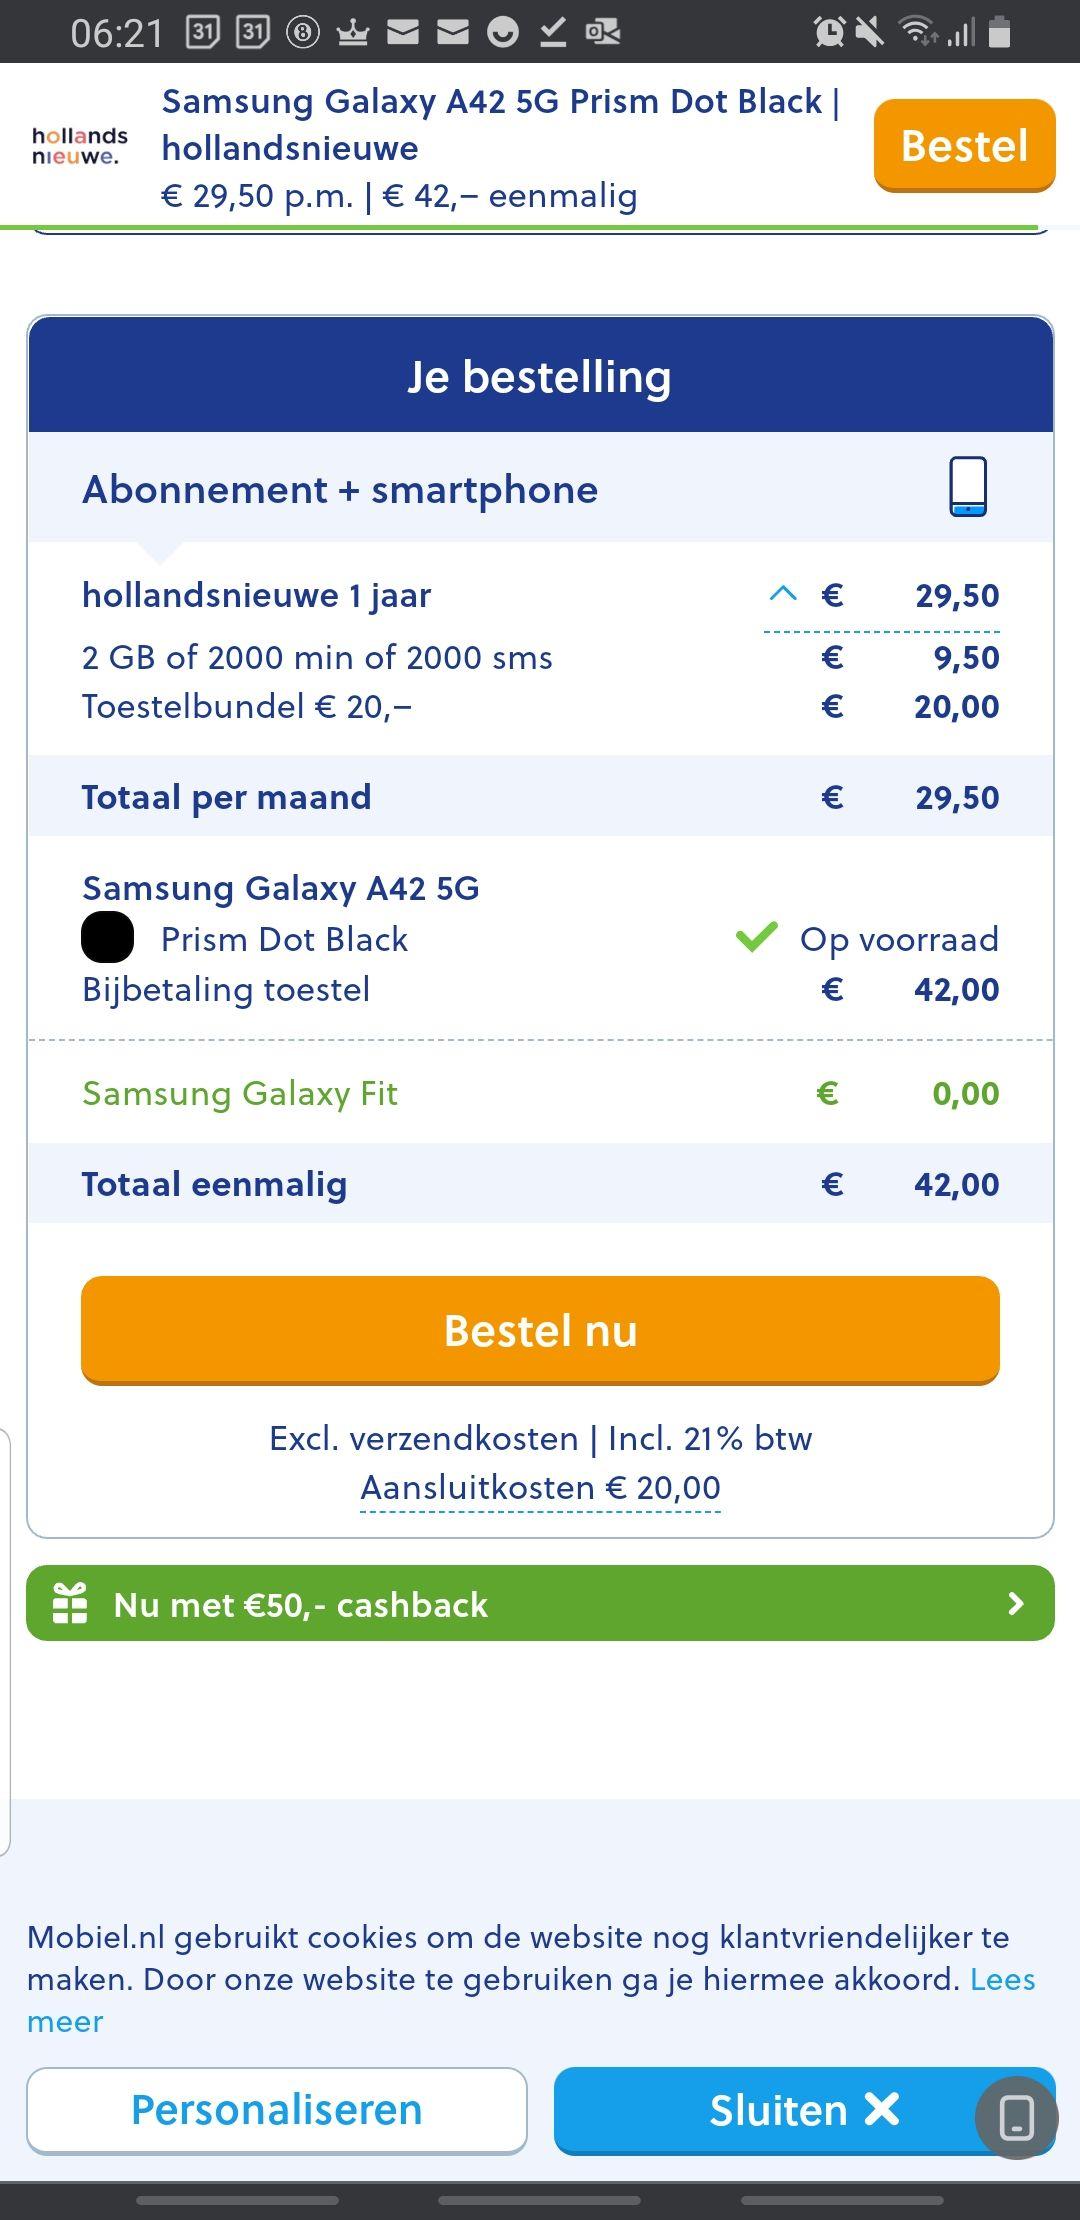 Samsung Galaxy A42 5G smartphone + Samsung Galaxy fit + 7gb data abonnement voor 12 maanden + €50 Cashback